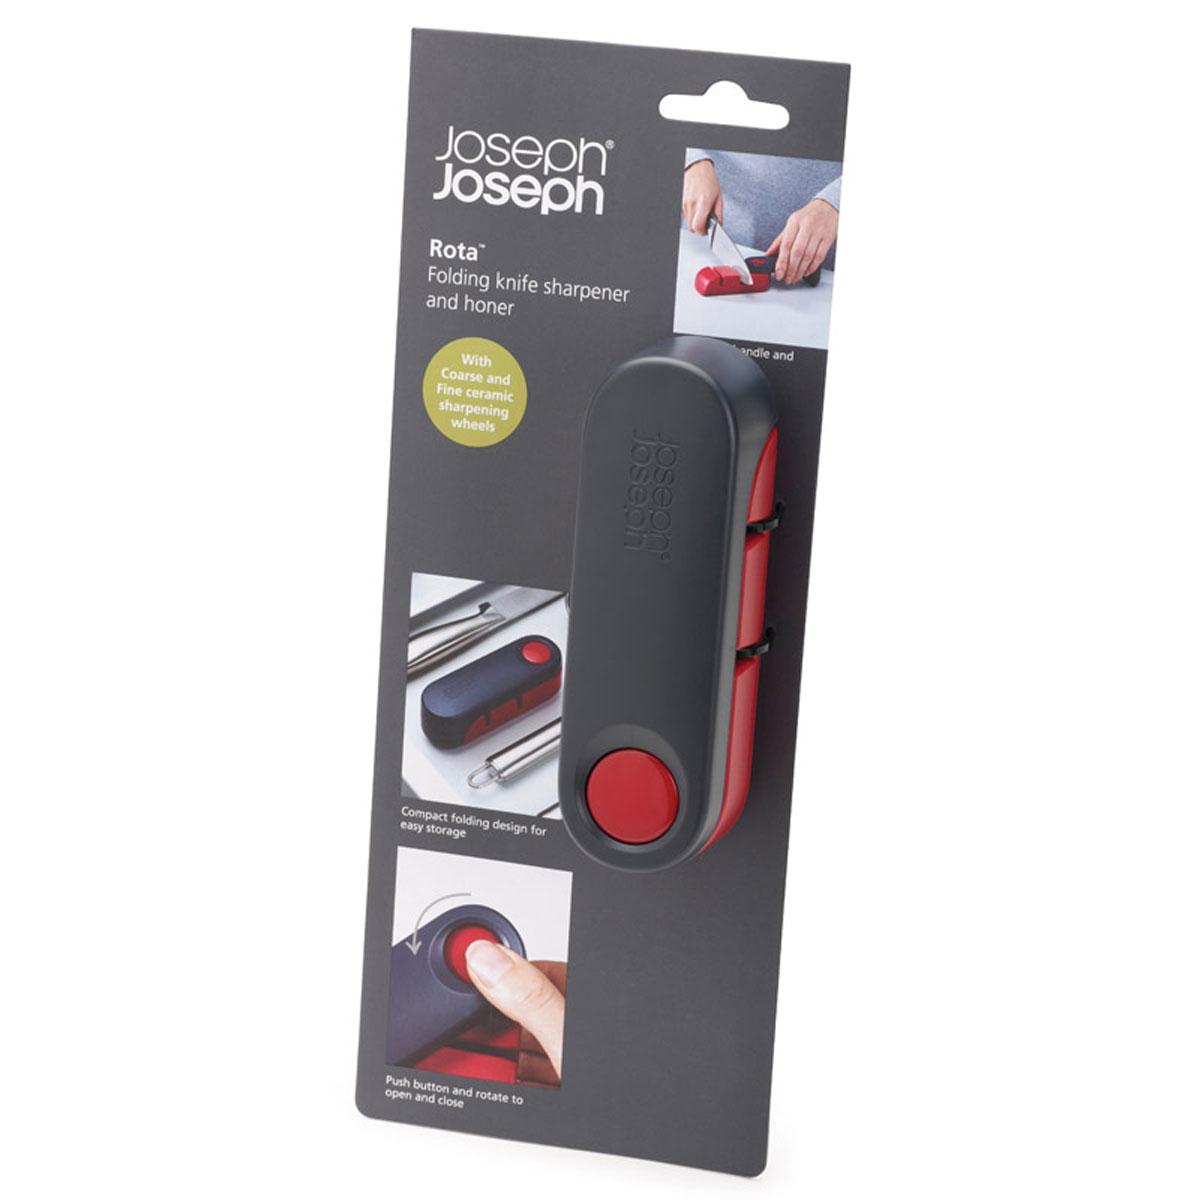 Ножеточка Joseph Joseph Rota, цвет: темно-серый, красный10048Ножеточка Joseph Joseph Rota изготовлена из высококачественного пластика. Уникальный дизайн ножеточки Joseph Joseph Rota с вращающейся крышкой помогает выполнить сразу две функции: во-первых, открыв ножеточку, вы сразу обеспечиваете себя удобной ручкой, которая позволяет плотно прижать ее к столешнице. А во-вторых, после заточки ножа, инструмент аккуратно складывается, что экономит место в вашем кухонном ящике. Ножеточка имеет две прорези (с крупнозернистой и мелкой заточкой), которые позволяют точно и тонко наточить ножи разного формата. Нескользящее основание добавляет устойчивости при работе. Ножеточка Joseph Joseph Rota станет незаменимой на вашей кухне. Длина ножеточки (в развернутом виде): 19,5 см. Ширина ножеточки: 4 см. Высота ножеточки: 4 см.